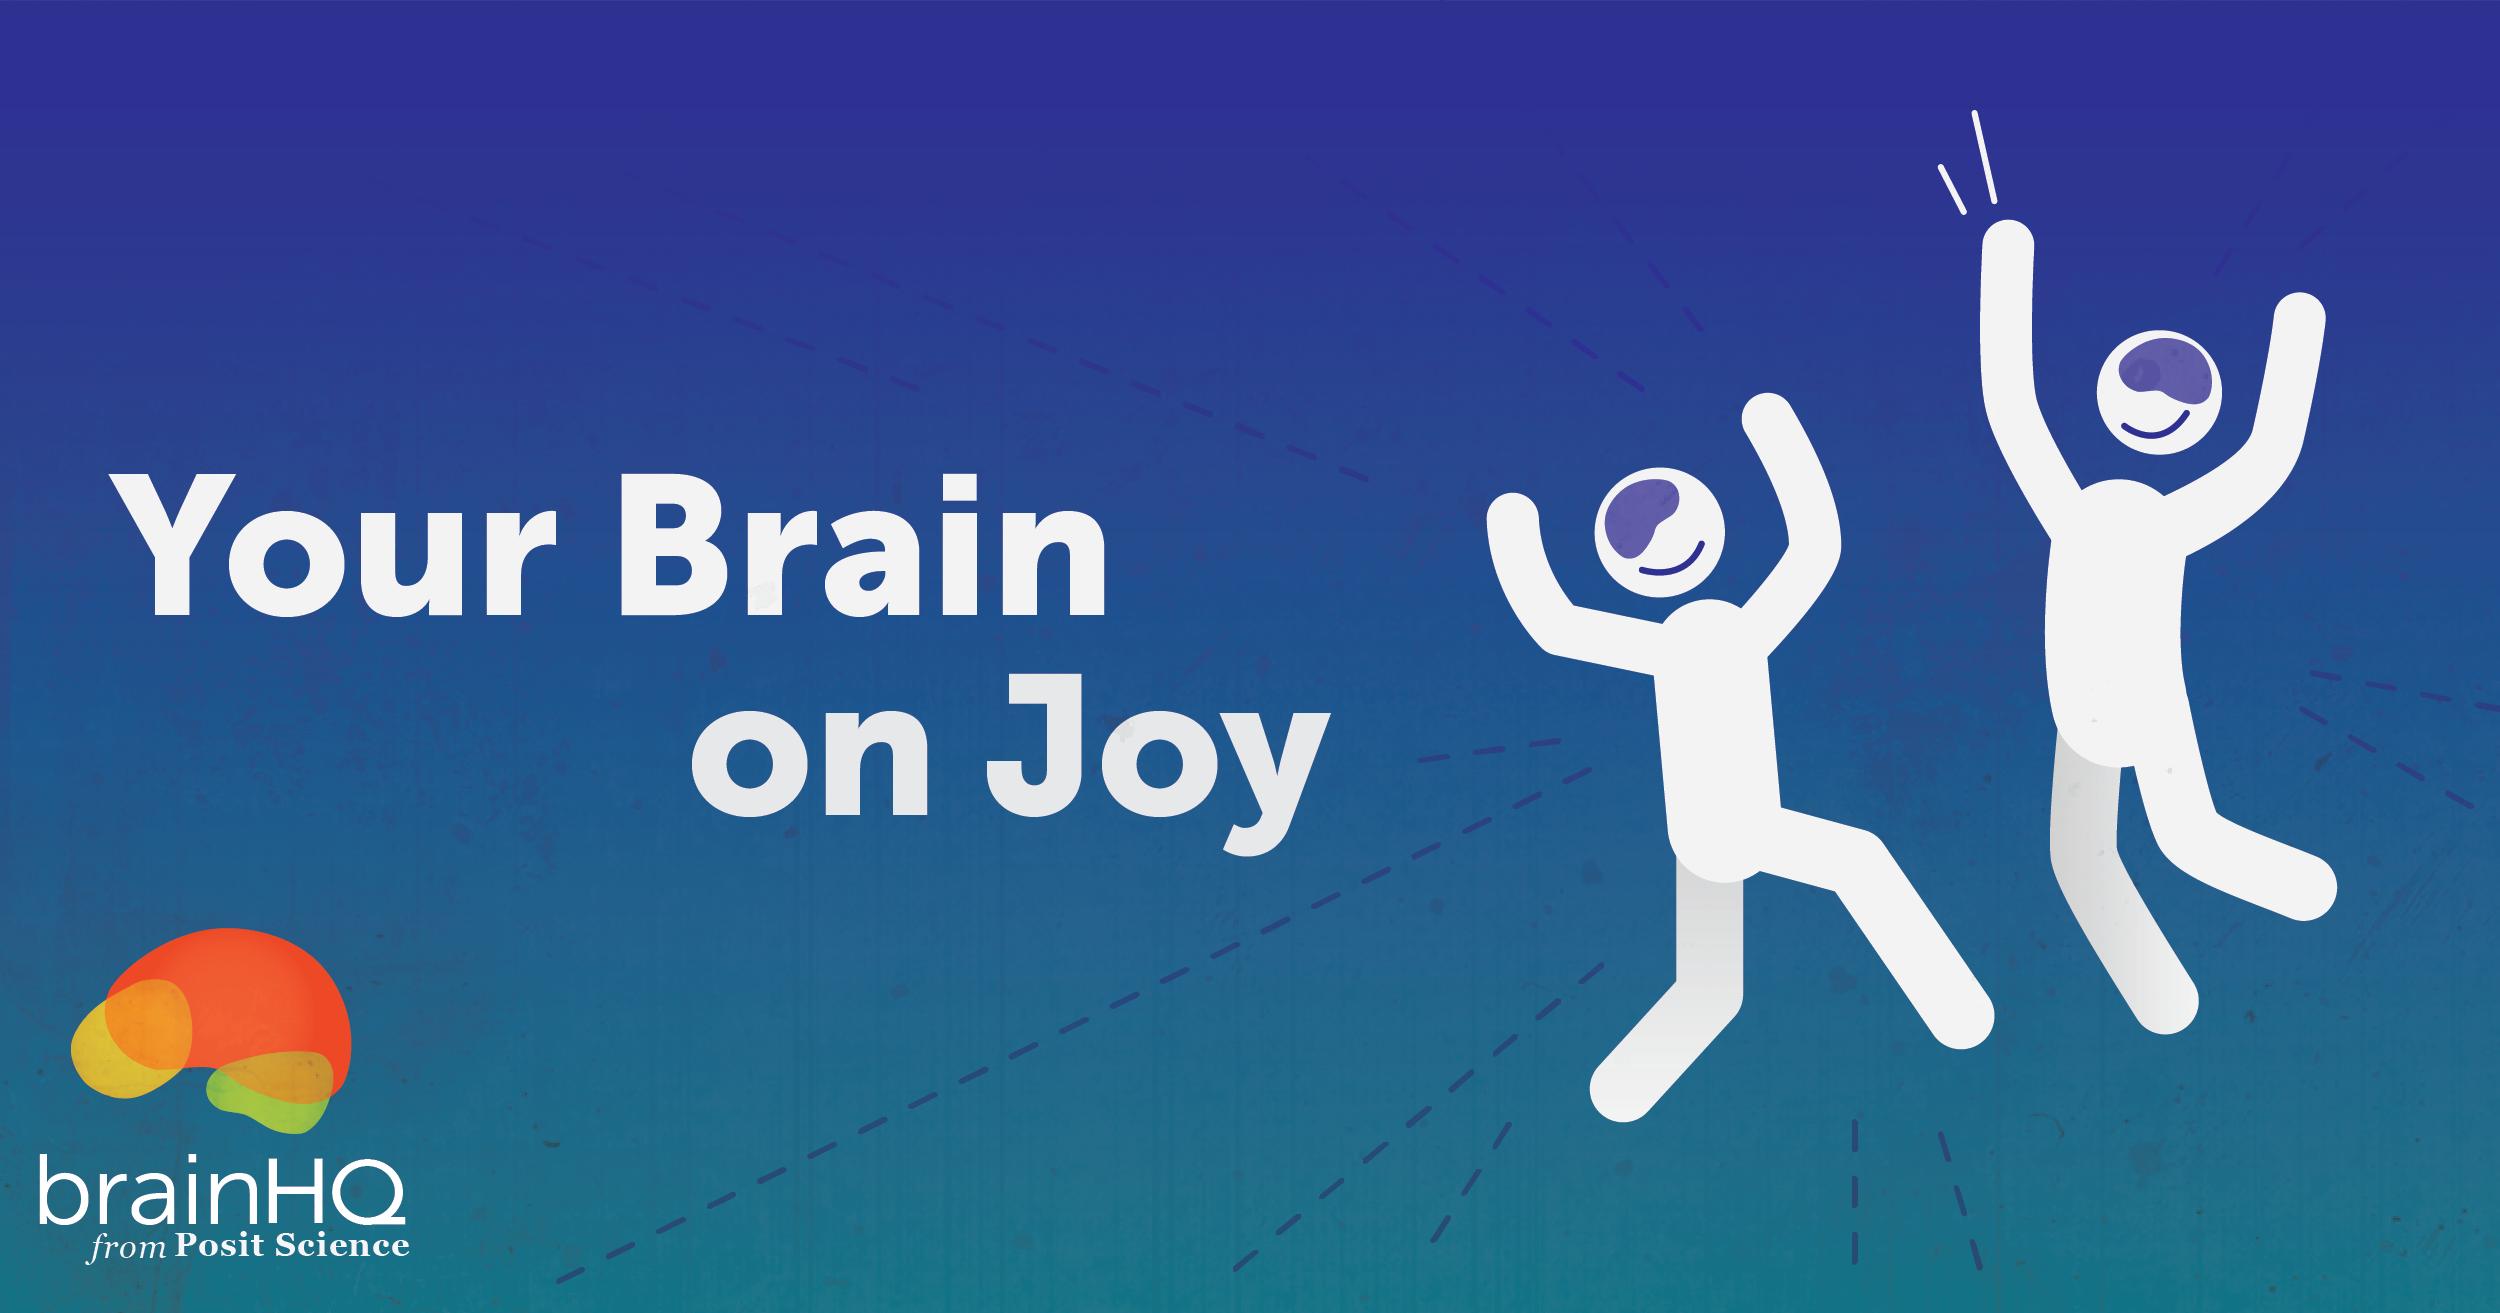 Your Brain on Joy